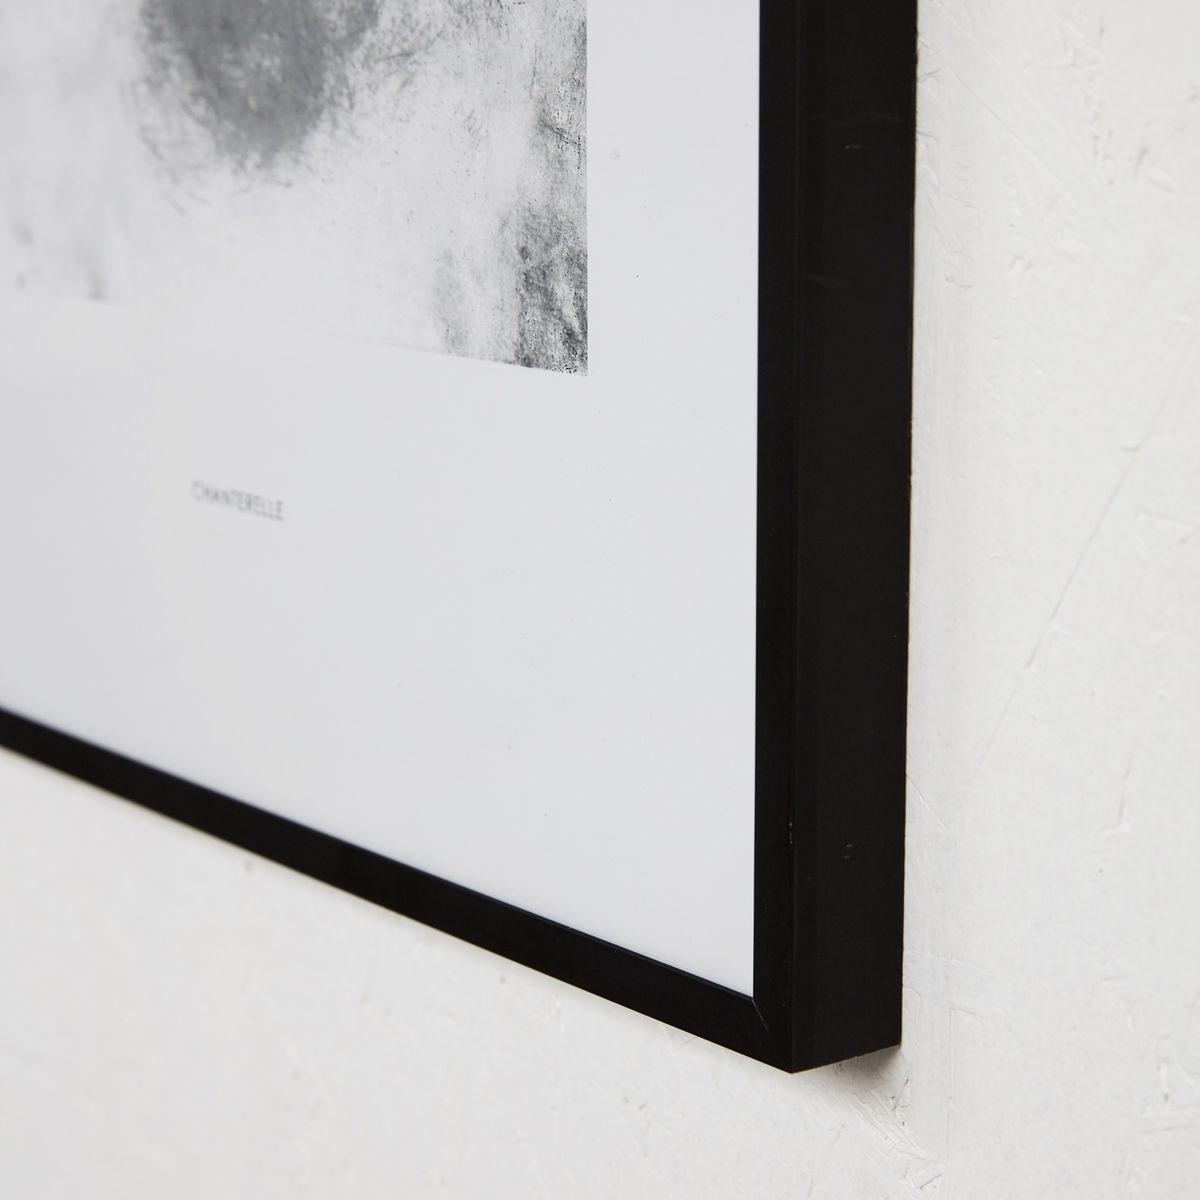 Dekorace na zeď CHANTERELLE černá_1